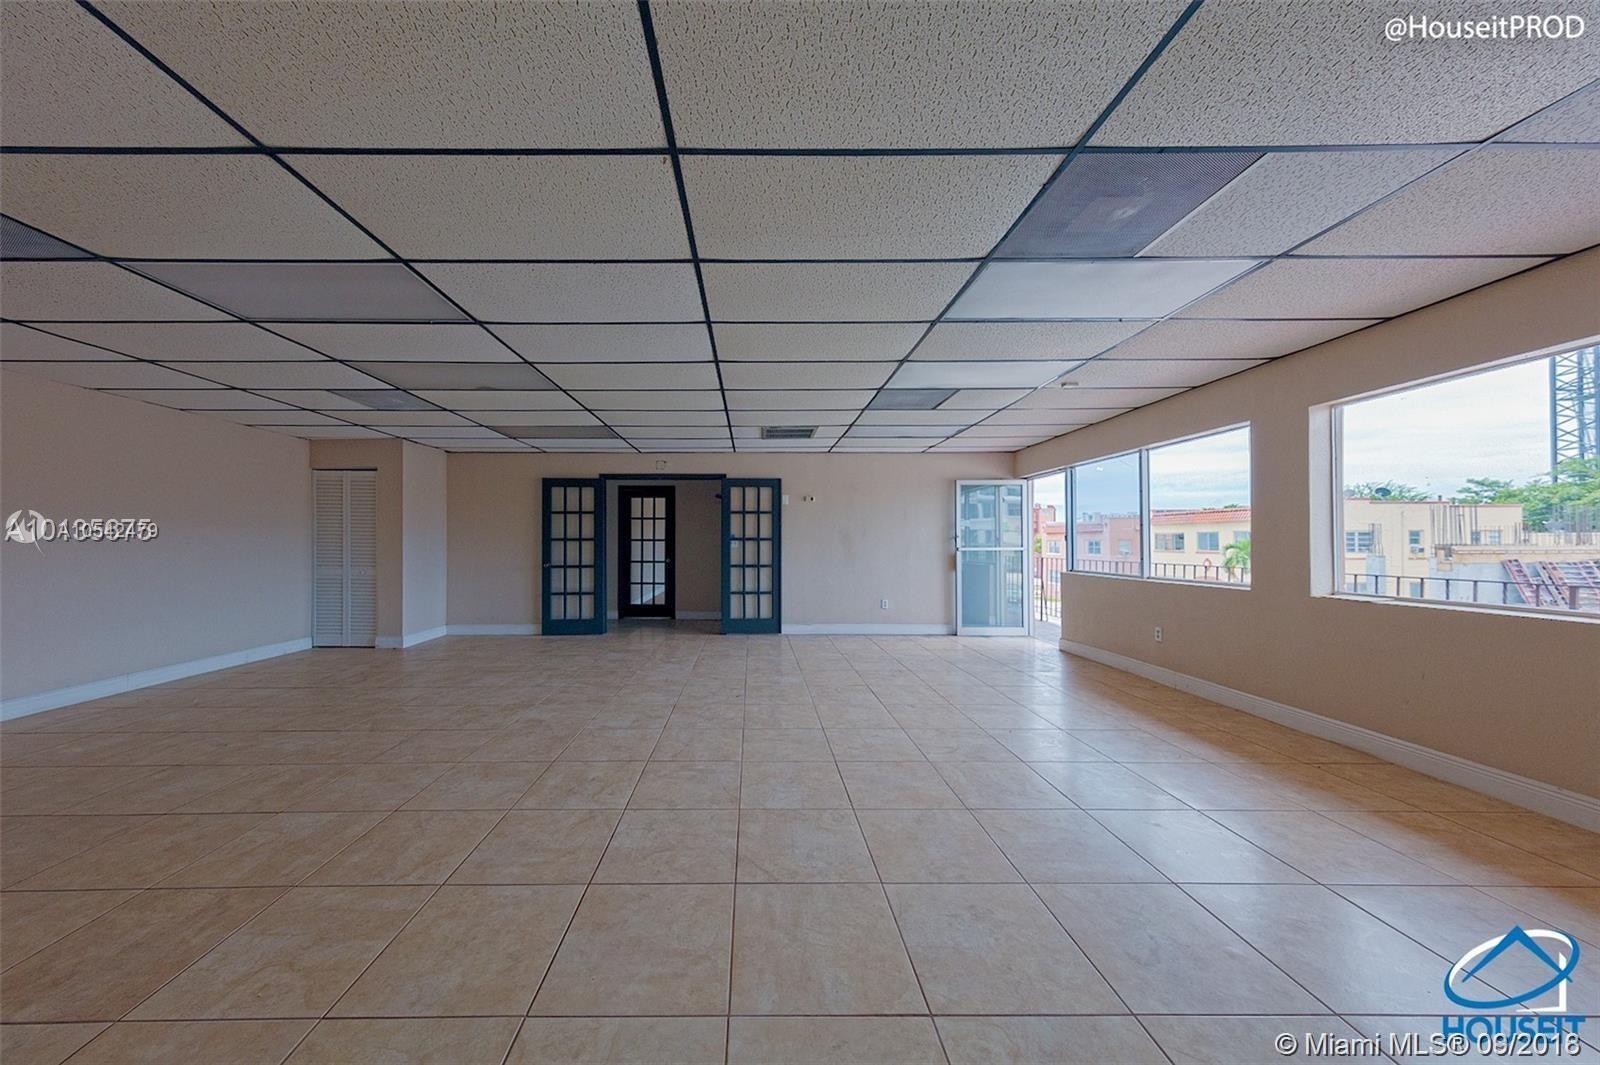 529 NW 12th Ave, Miami, FL 33136